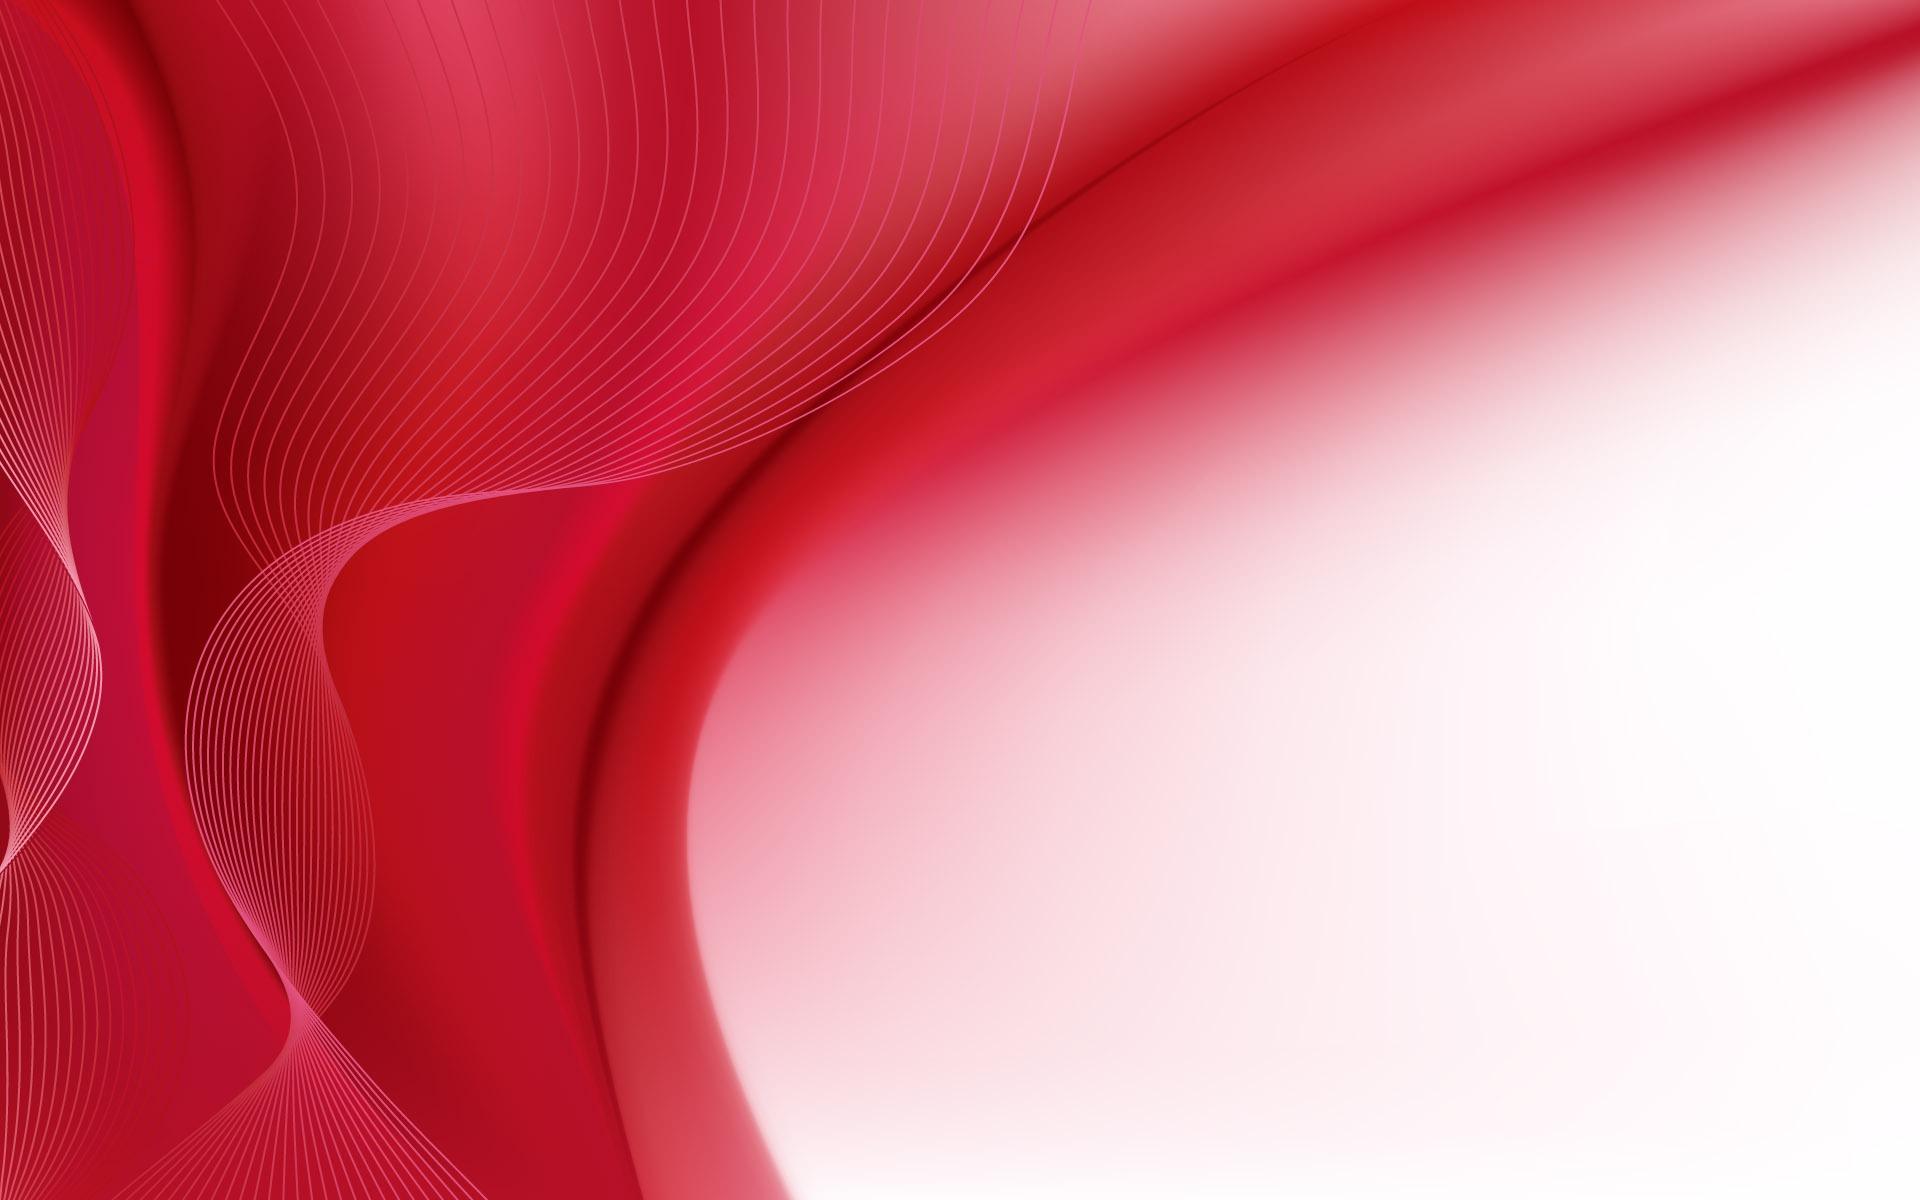 Описание цветной фон обои вектор 4 6